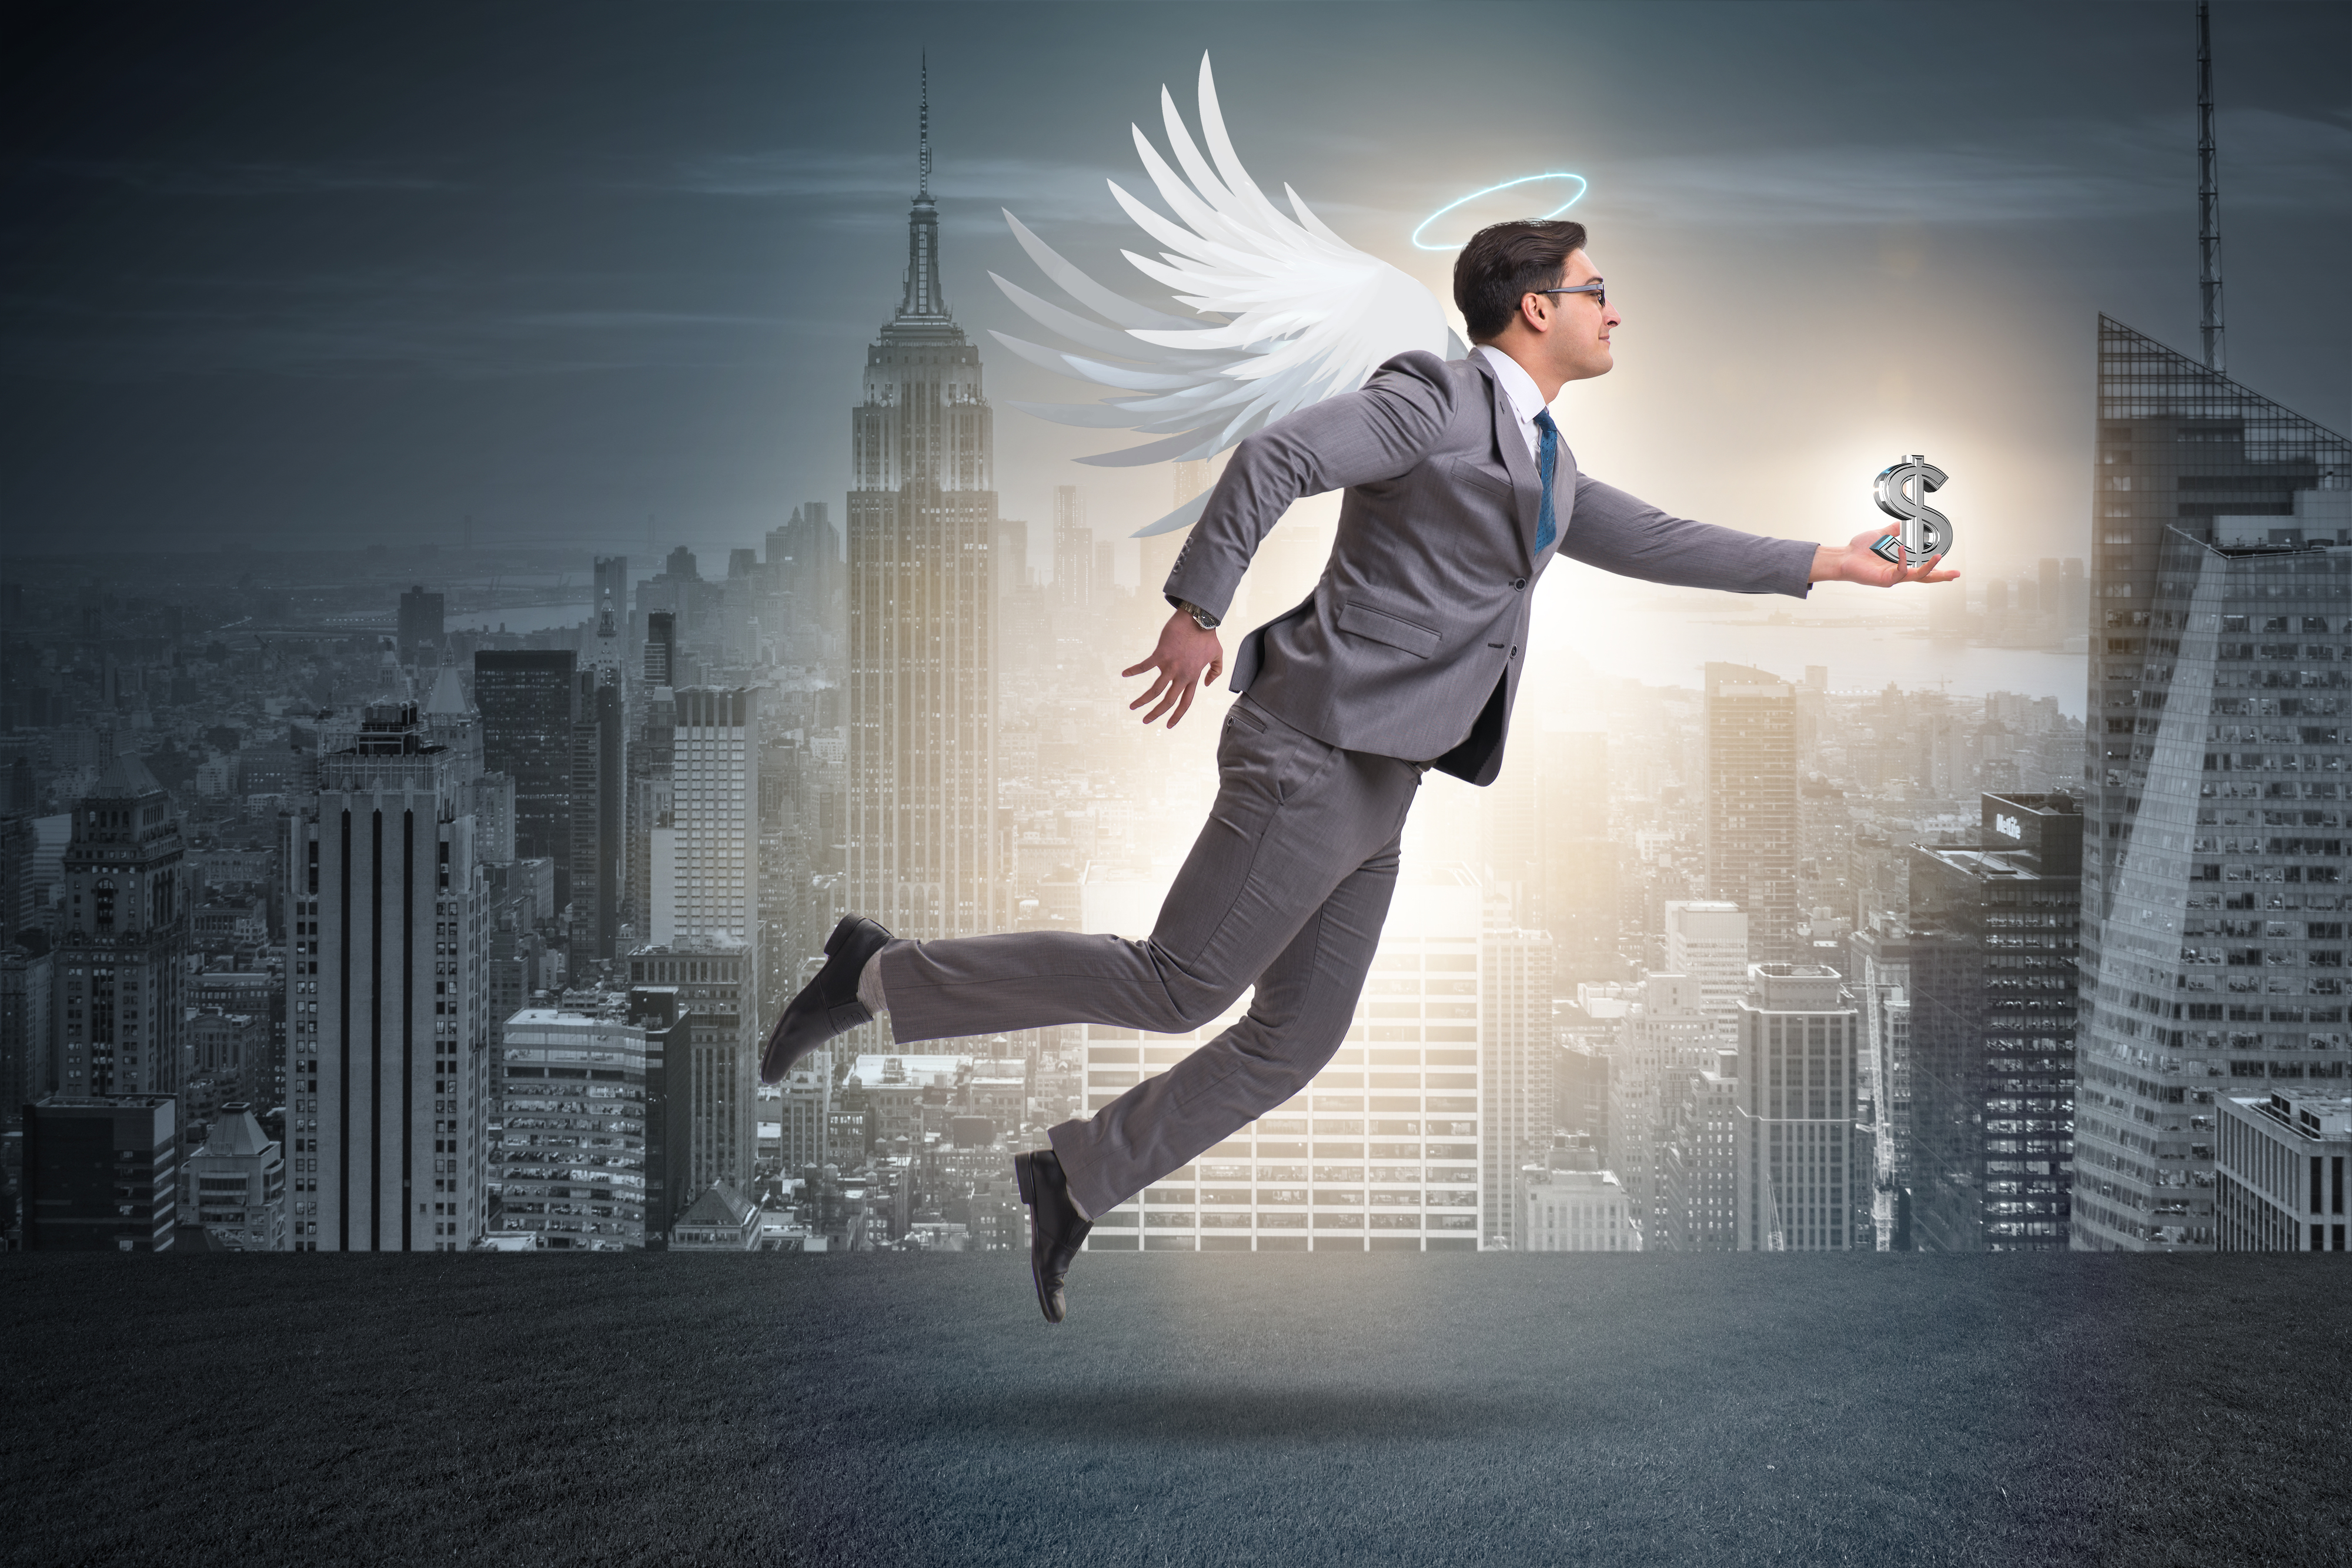 エンジェル投資家から起業資金を調達するコツ